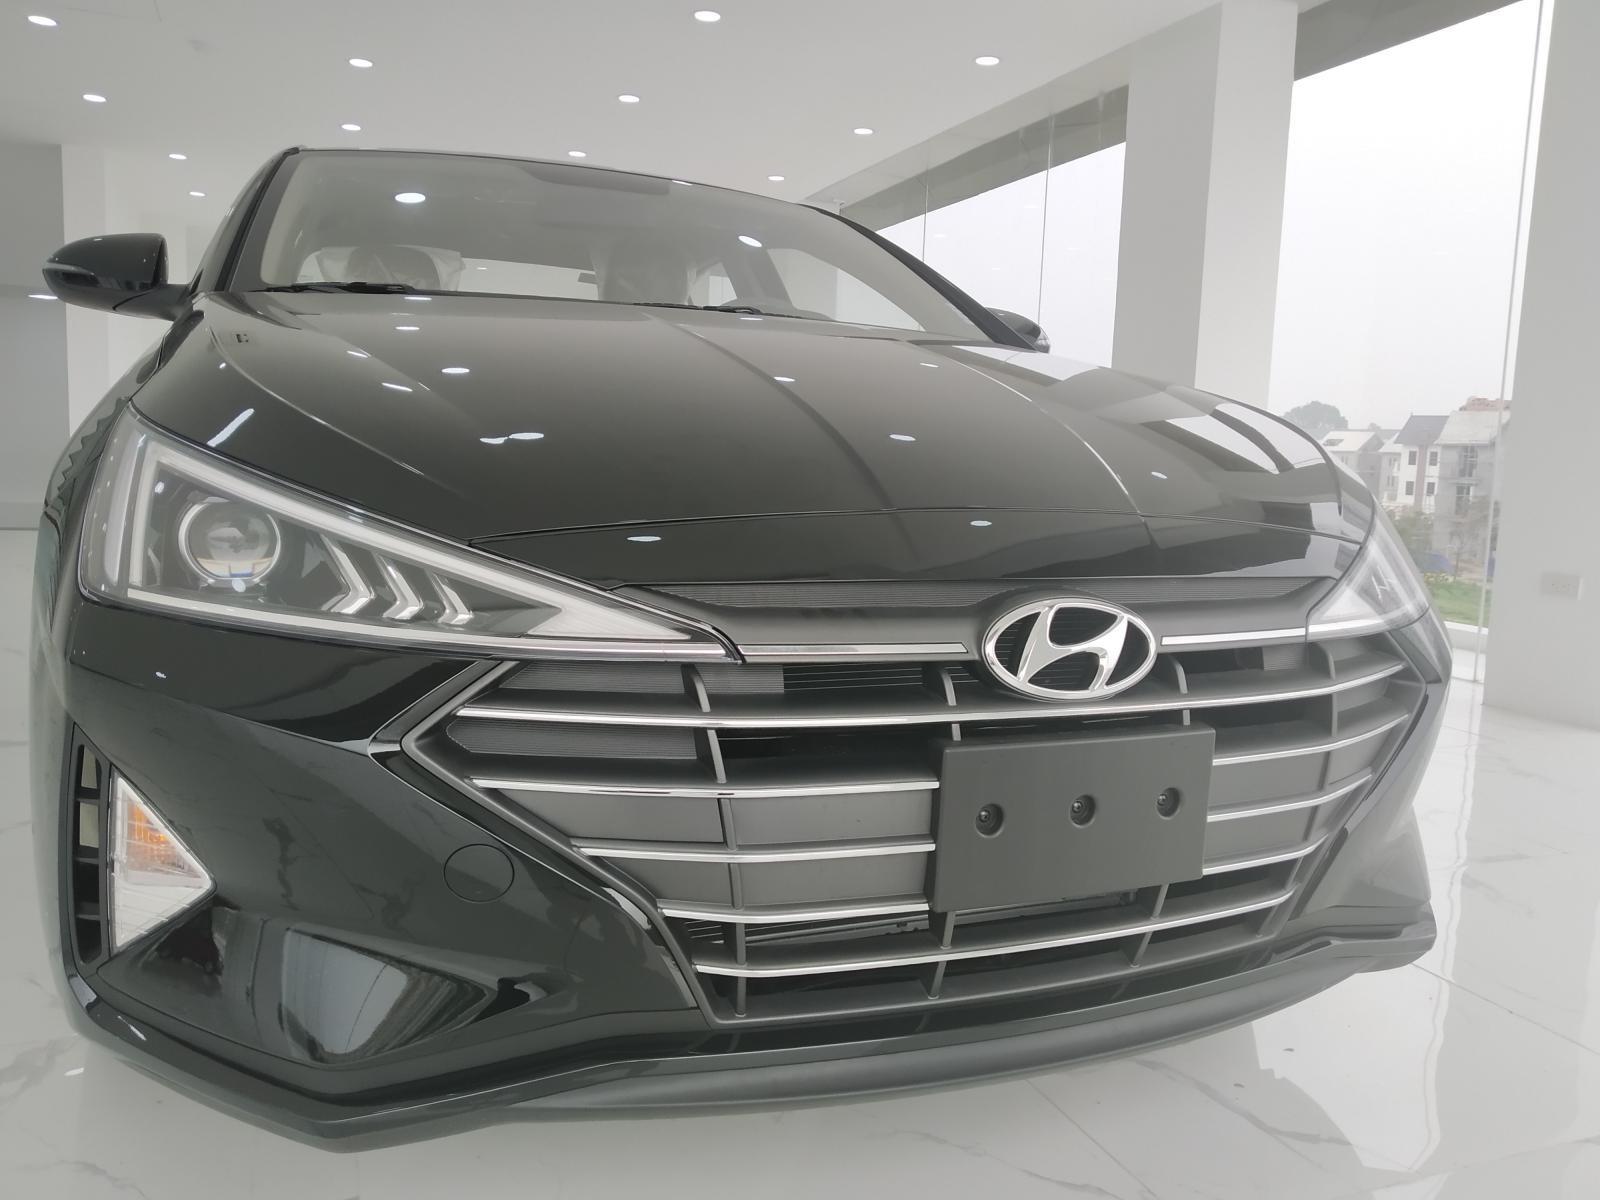 Hyundai Elantra 1.6 AT cập nhật giá tốt thị trường